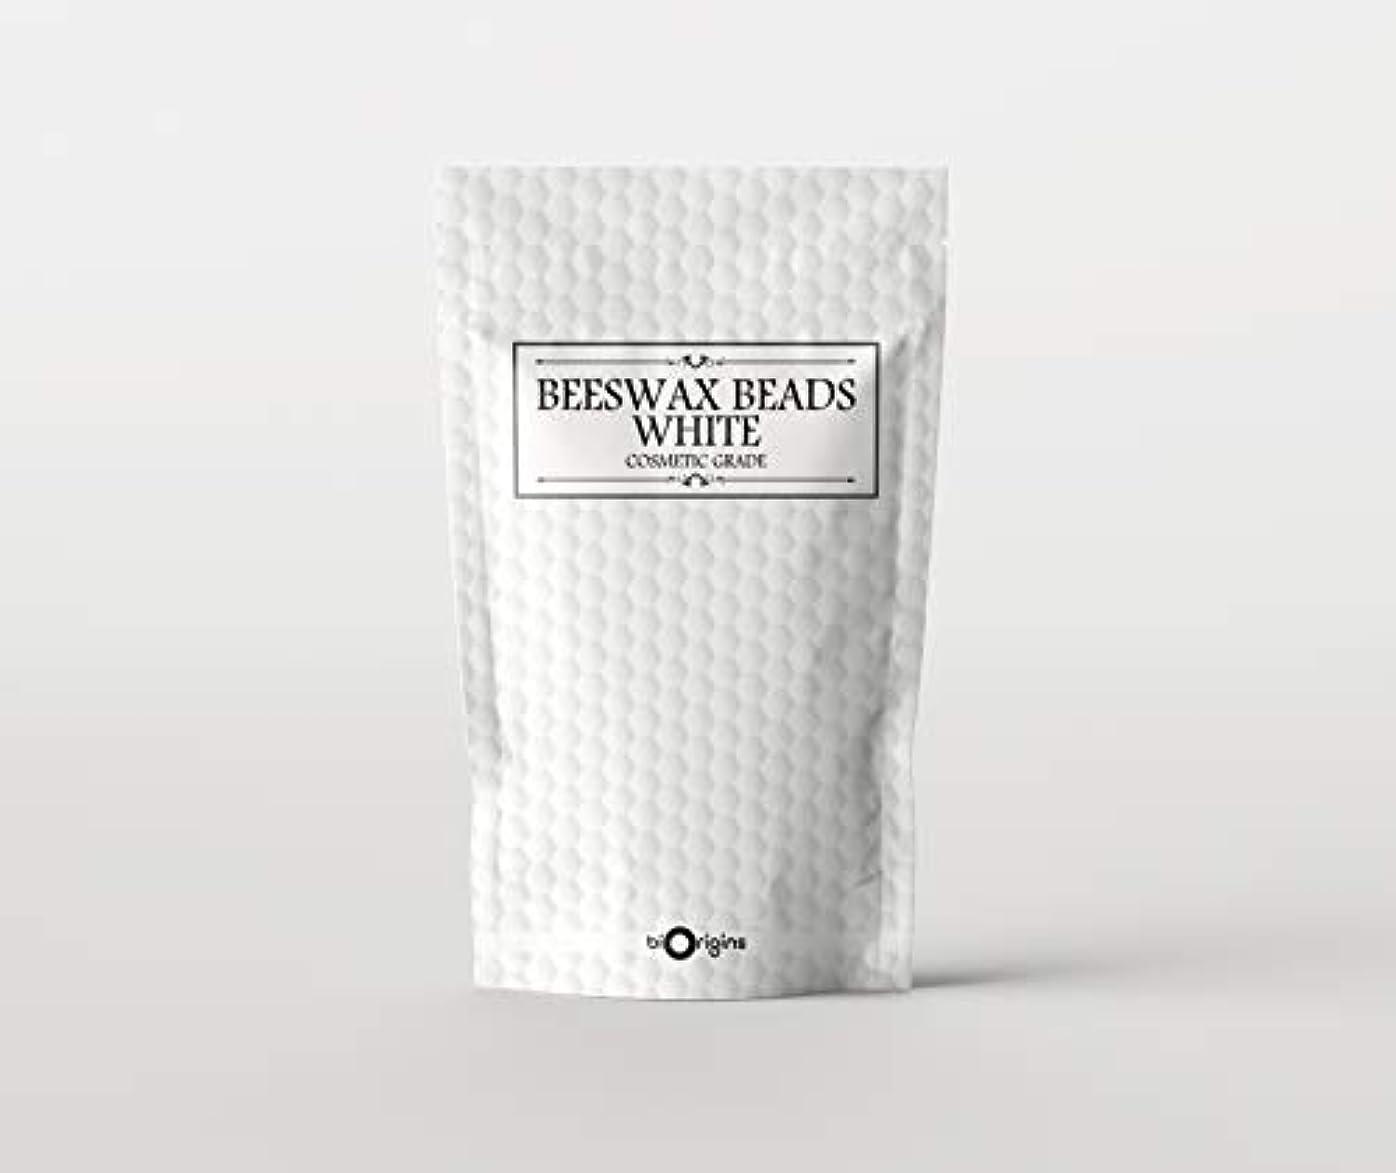 常習者シロクマコマンドBeeswax Beads White - Cosmetic Grade - 500g